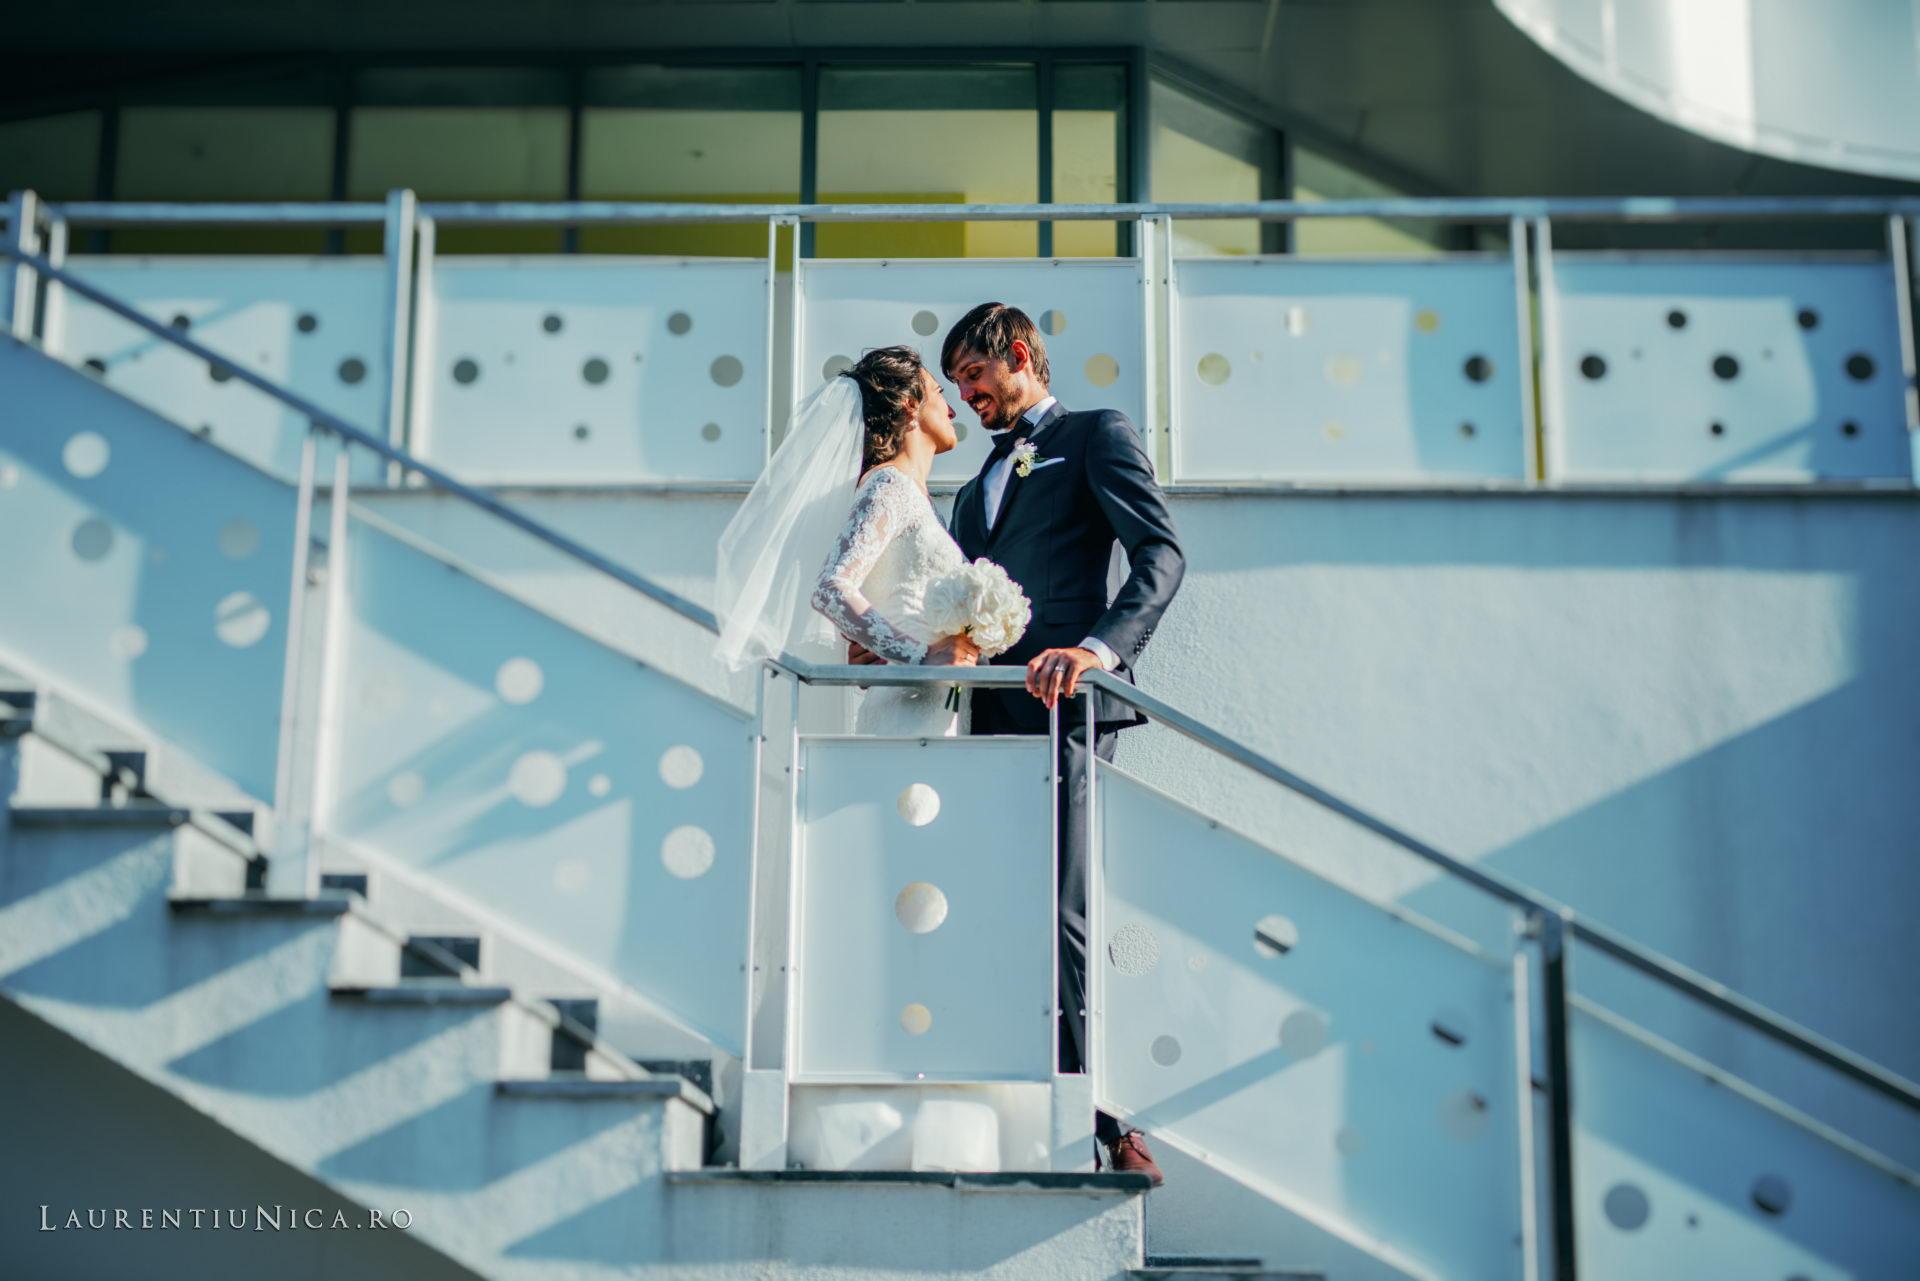 Cristina si Ovidiu nunta Craiova fotograf laurentiu nica 095 - Cristina & Ovidiu | Fotografii nunta | Craiova